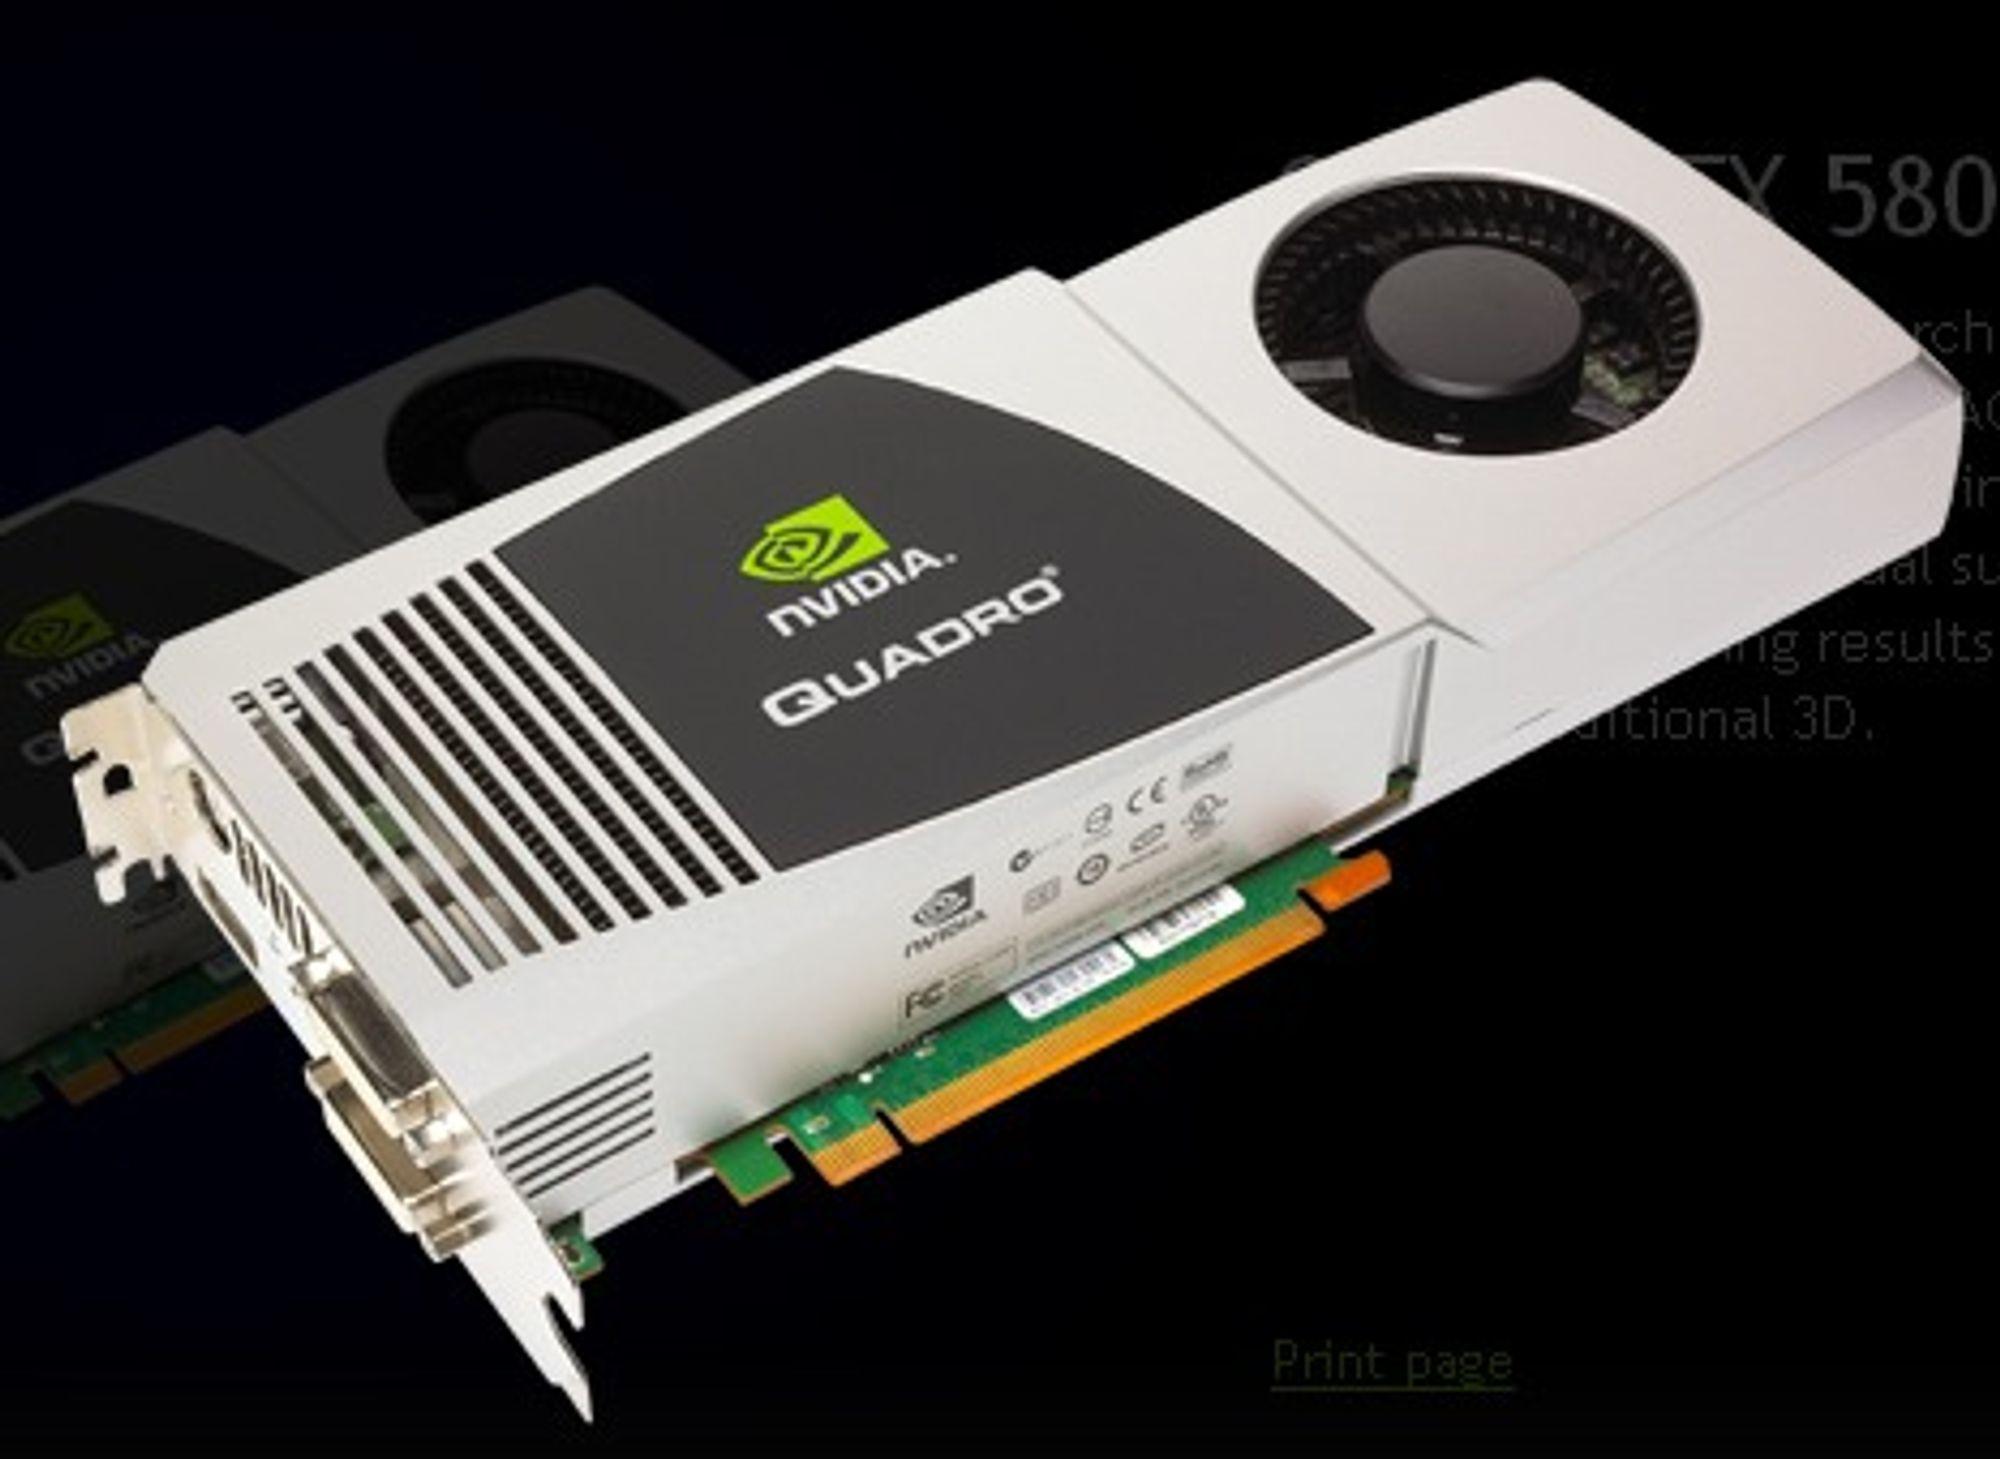 Nvidia Quadro FX 5800